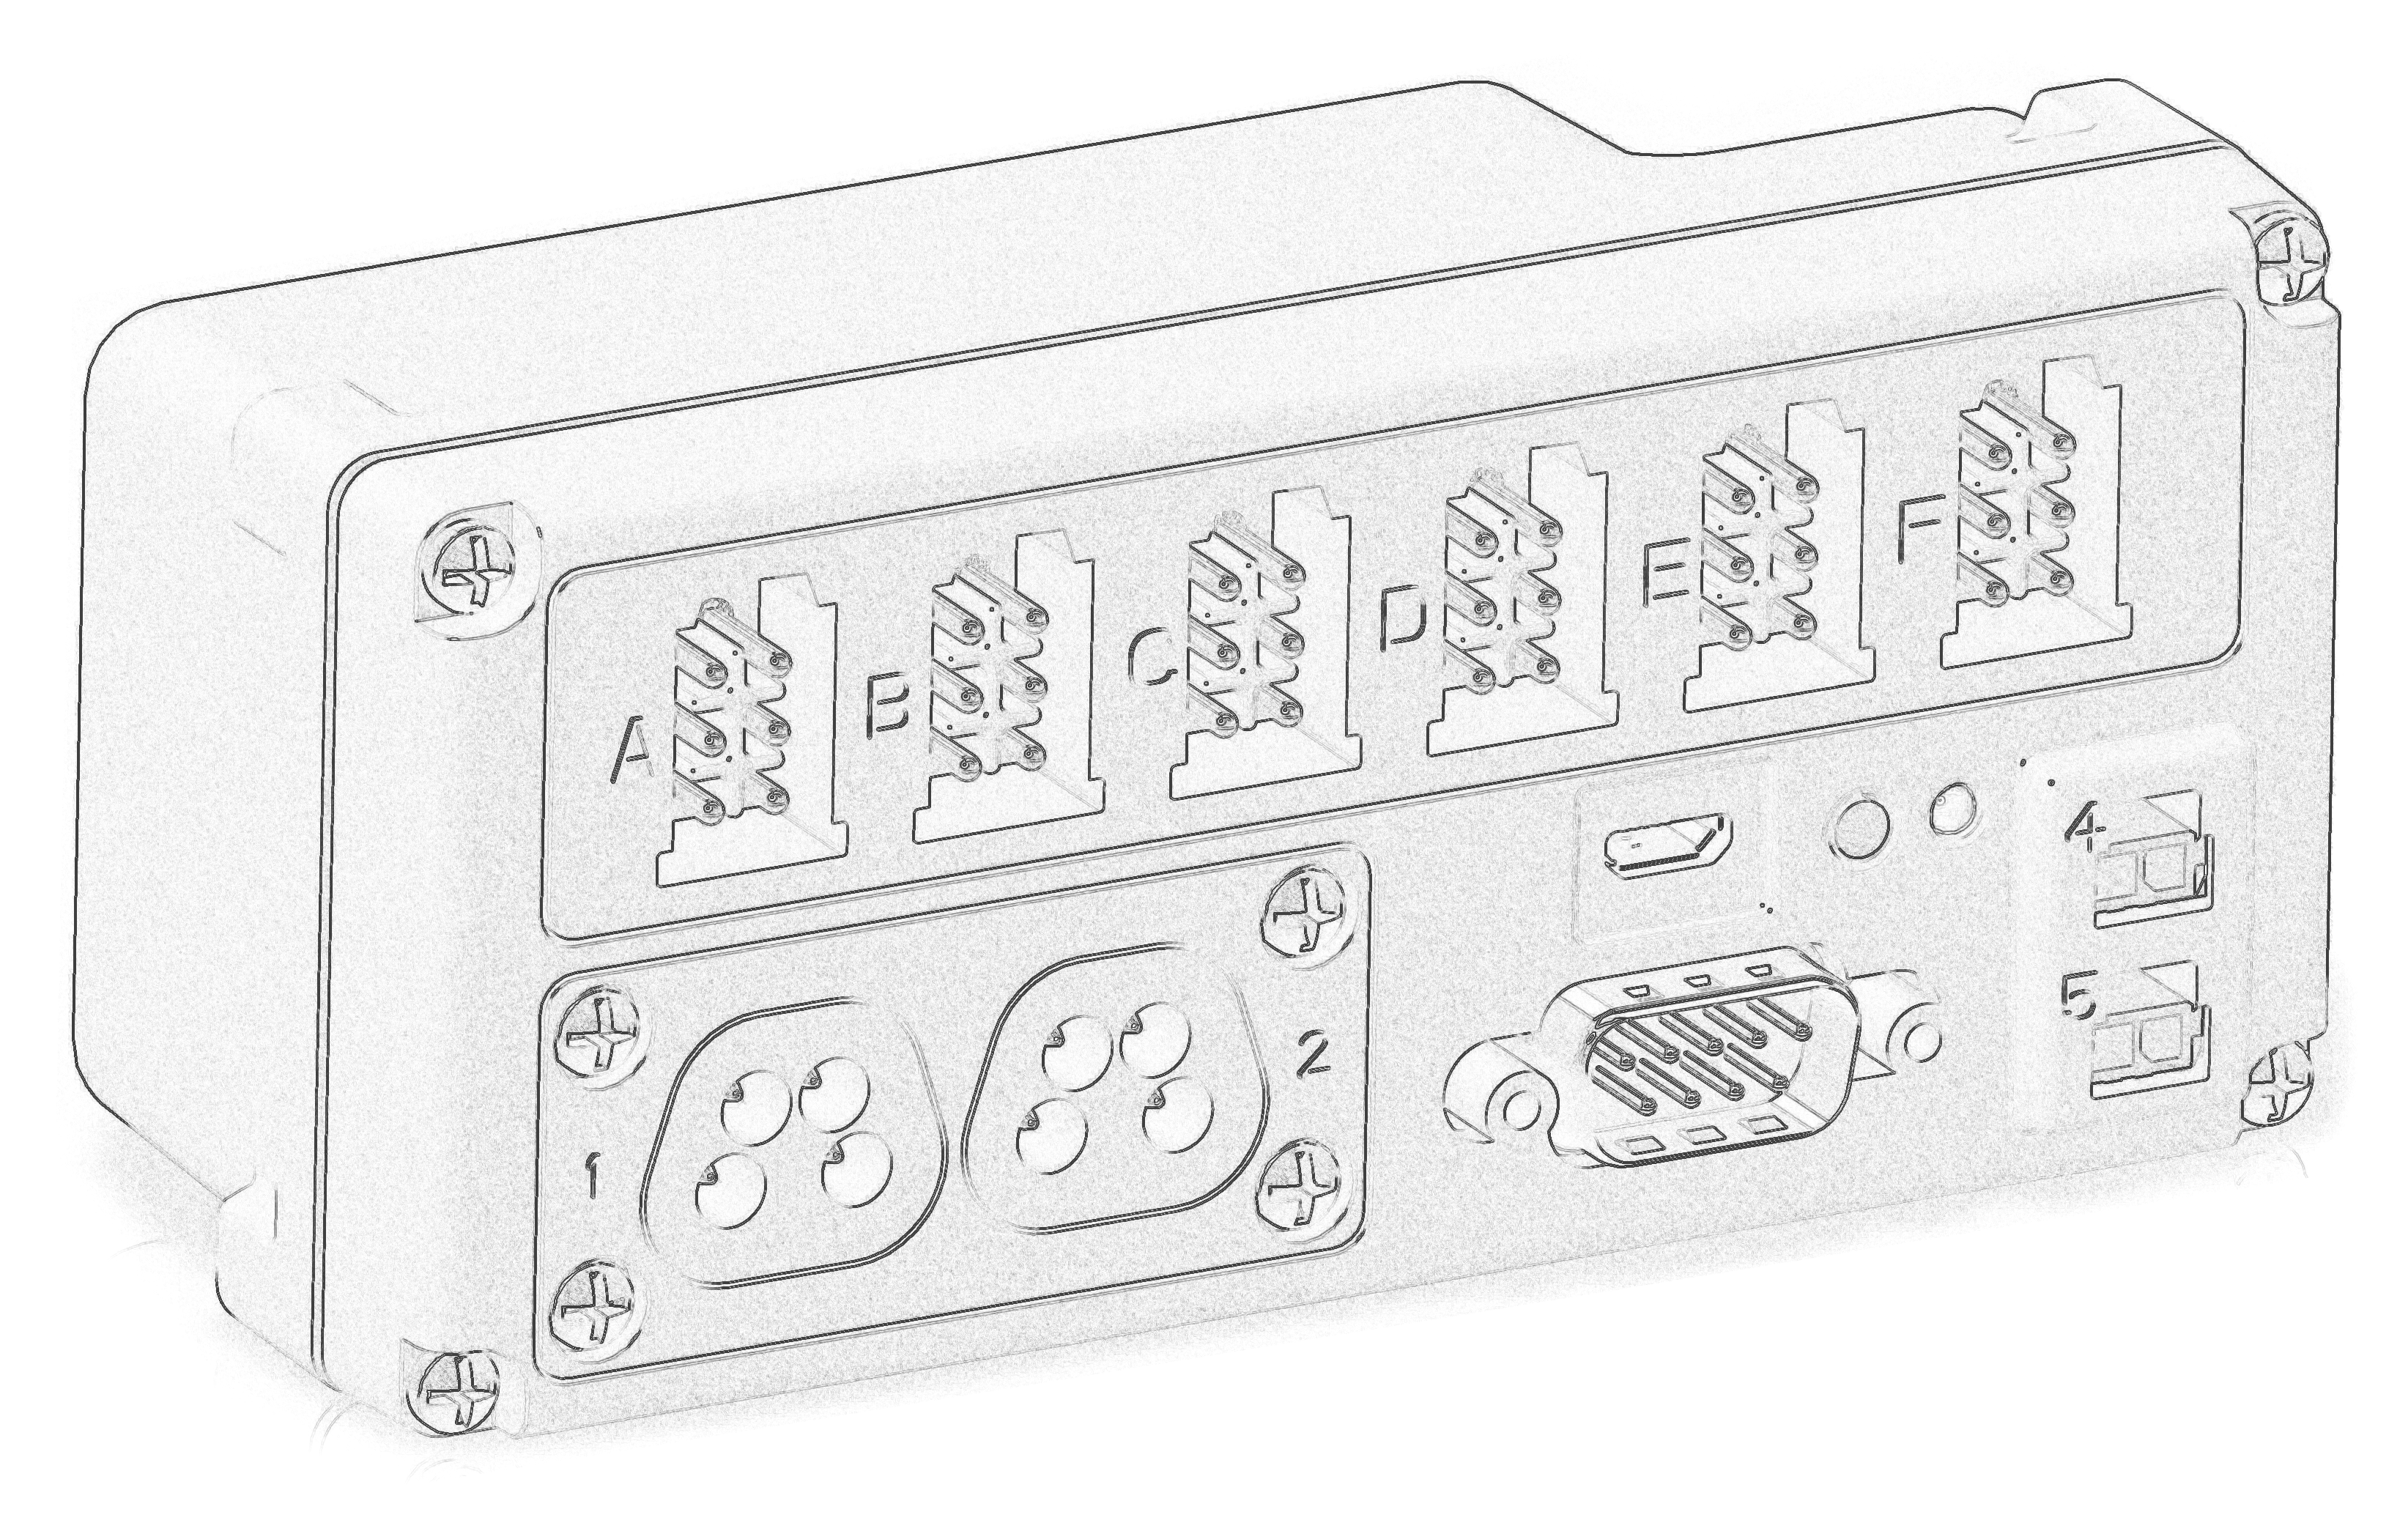 Productdesign van een kunststof behuizing voor elektronica